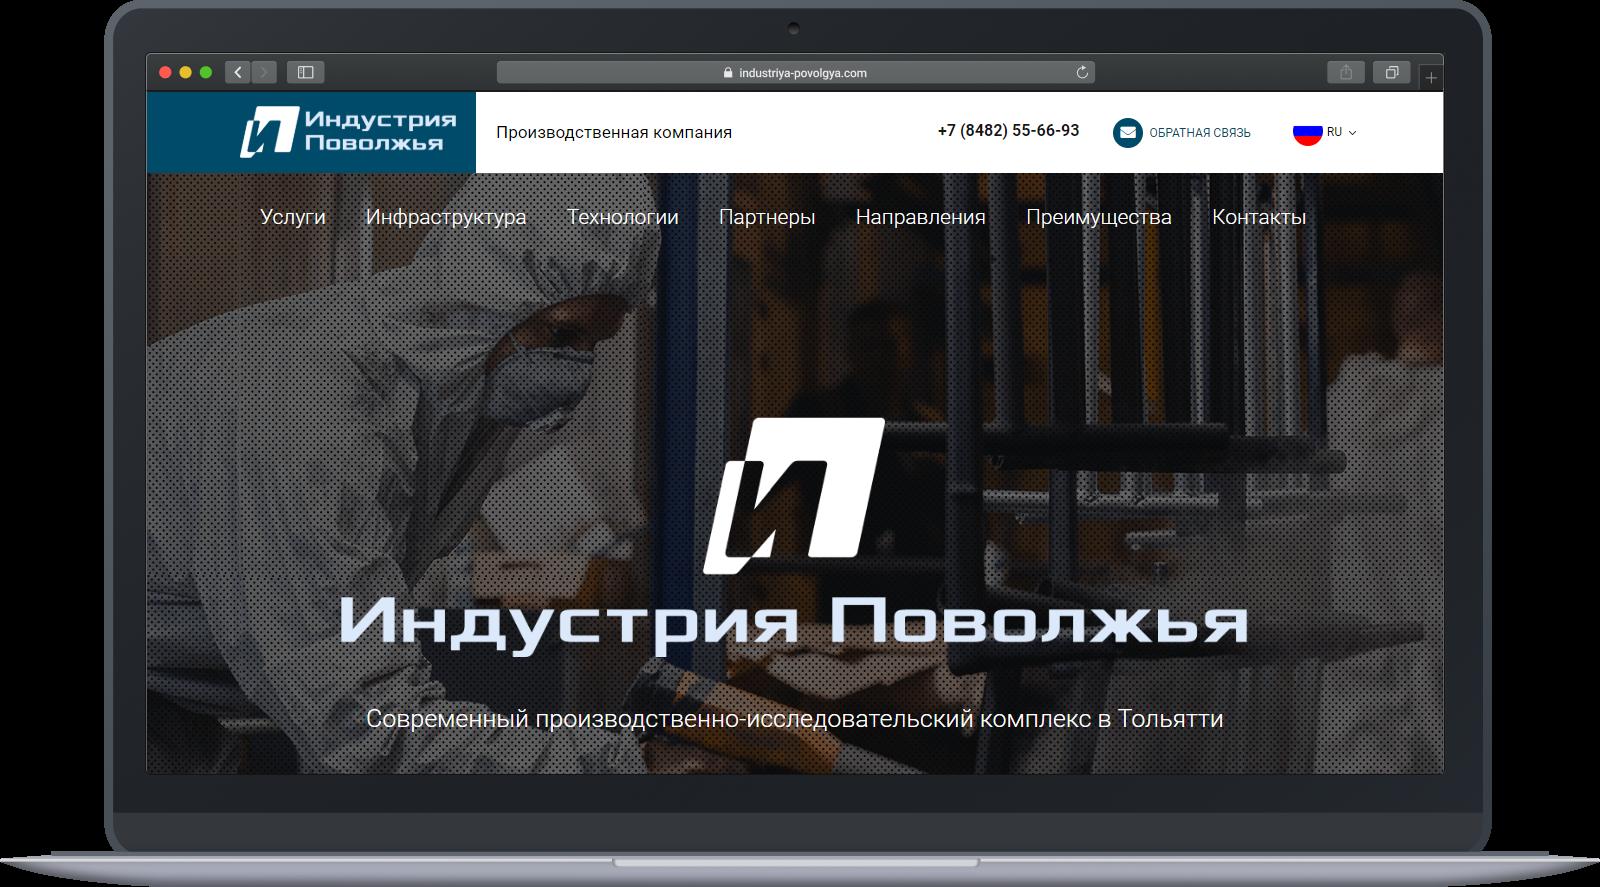 Портфолио: Разработка сайта производственной компании «Индустрия Поволжья»